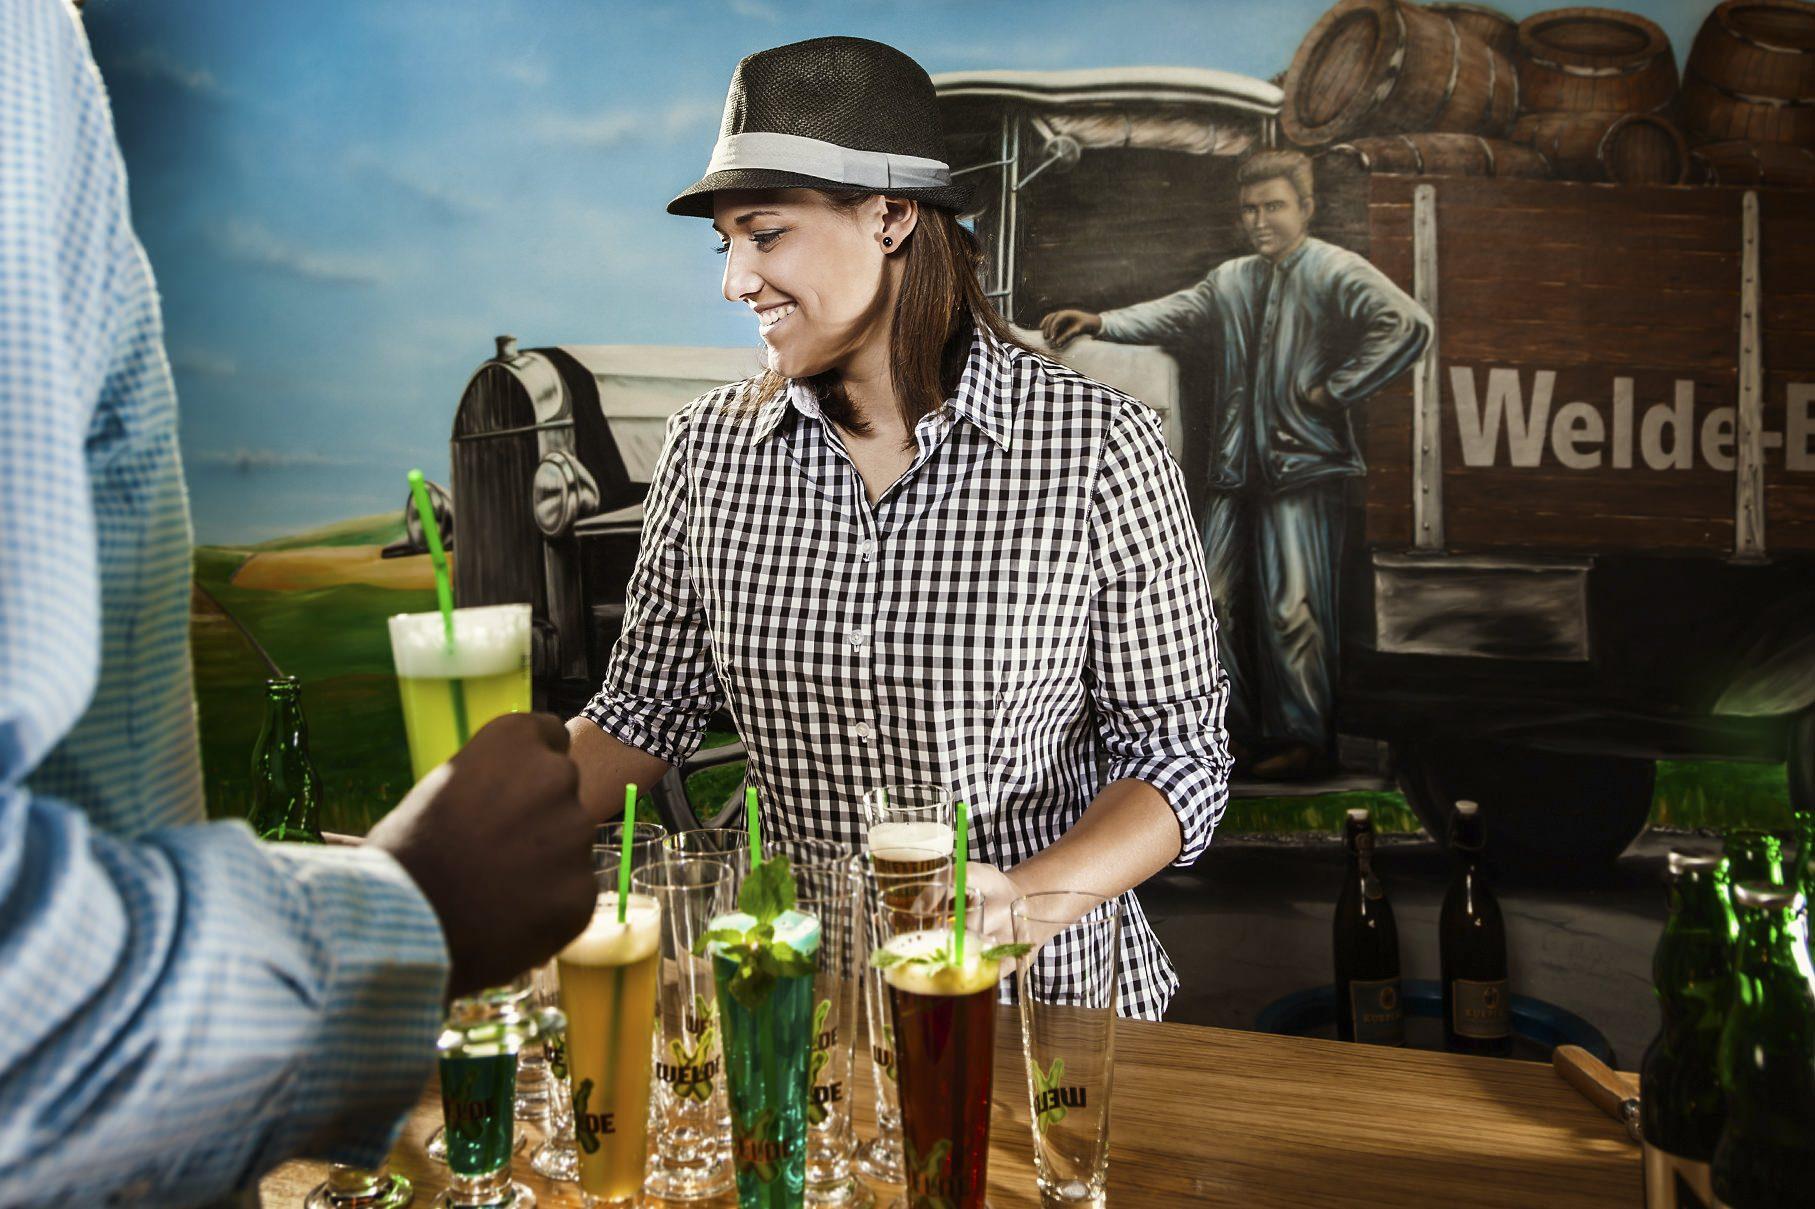 Groß Getränke Kohler St Ingbert Zeitgenössisch - Die besten ...